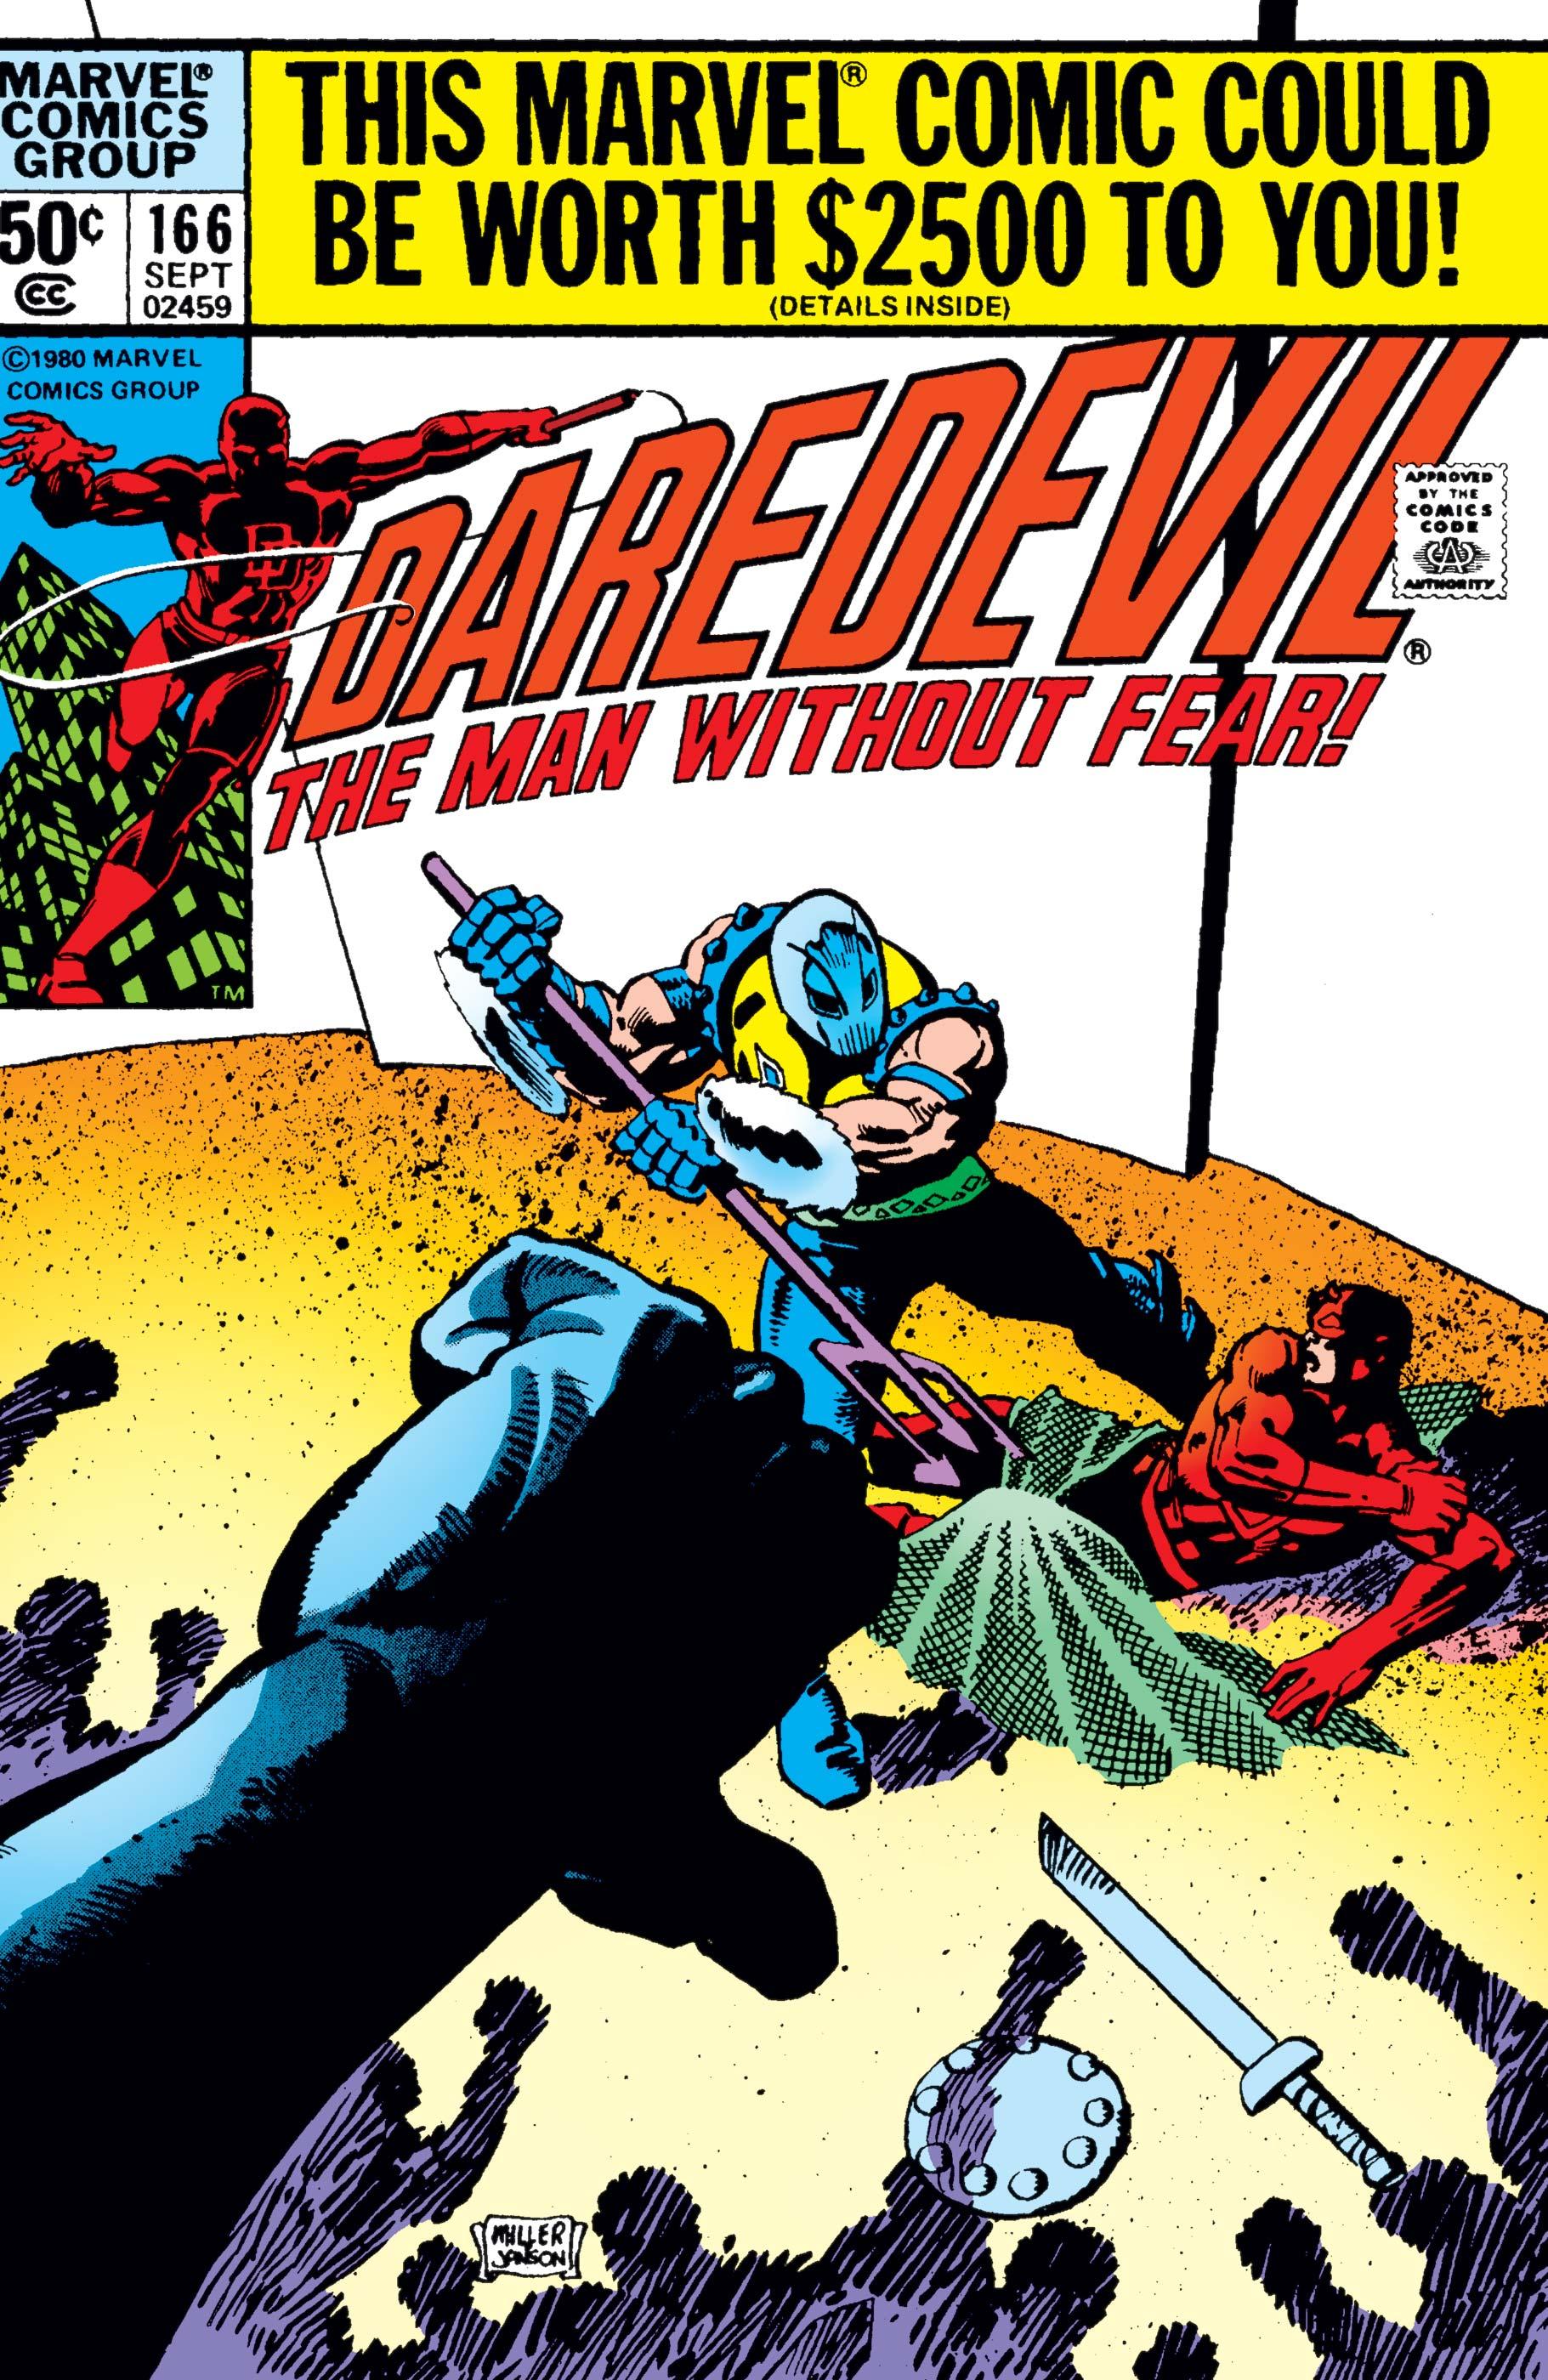 Daredevil (1964) #166